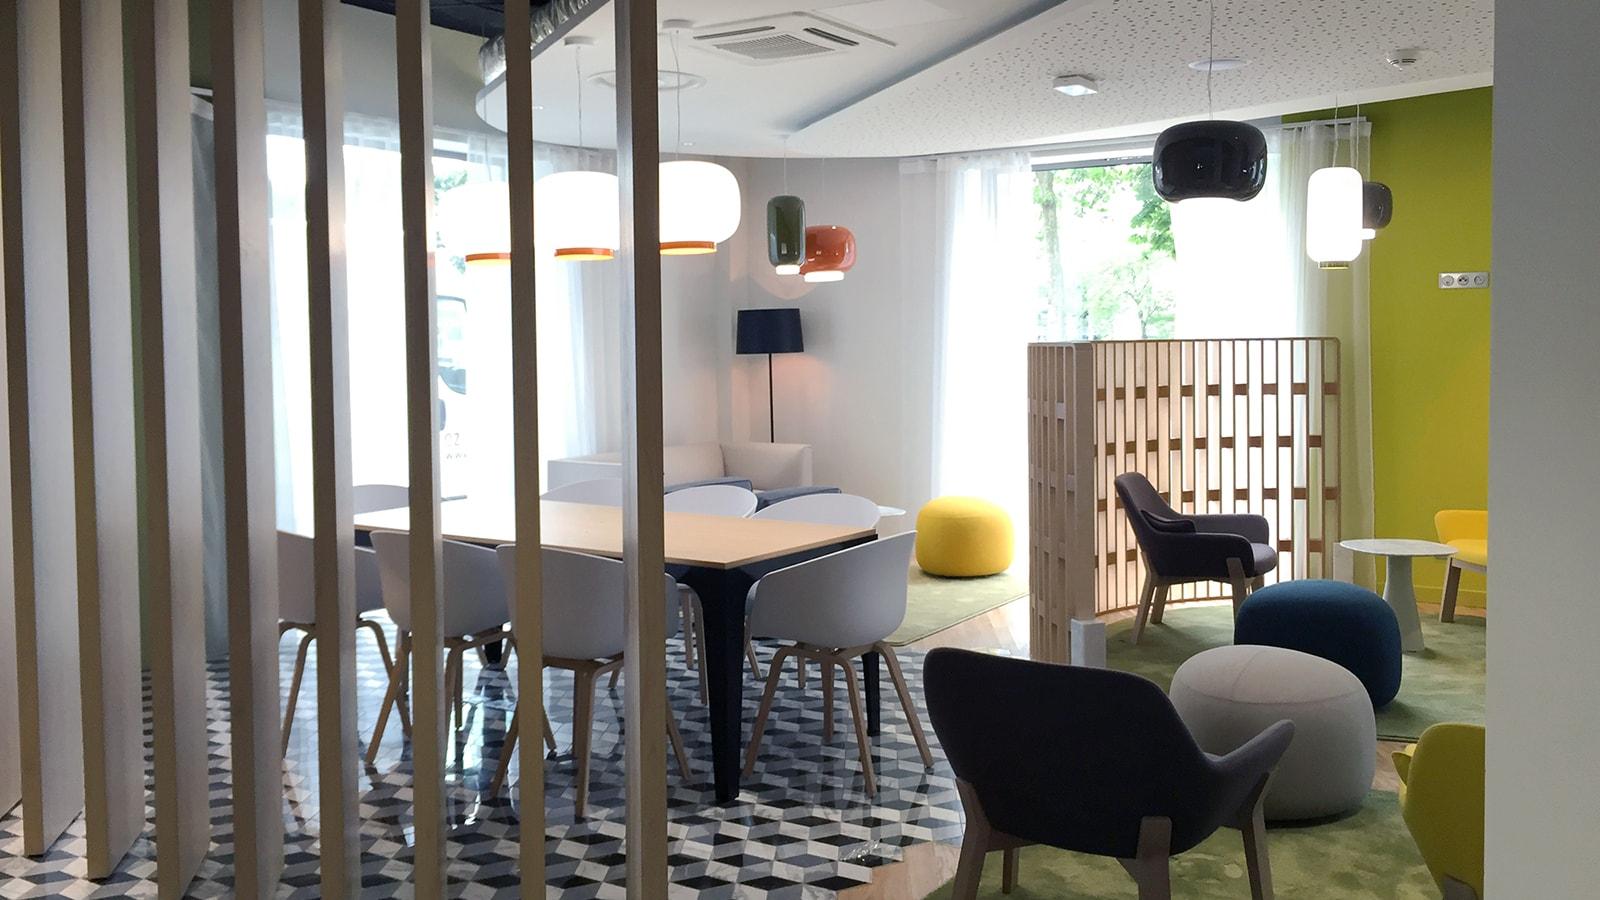 EFI Design Hotel Mercure Nantes Efi Design (7) 1204